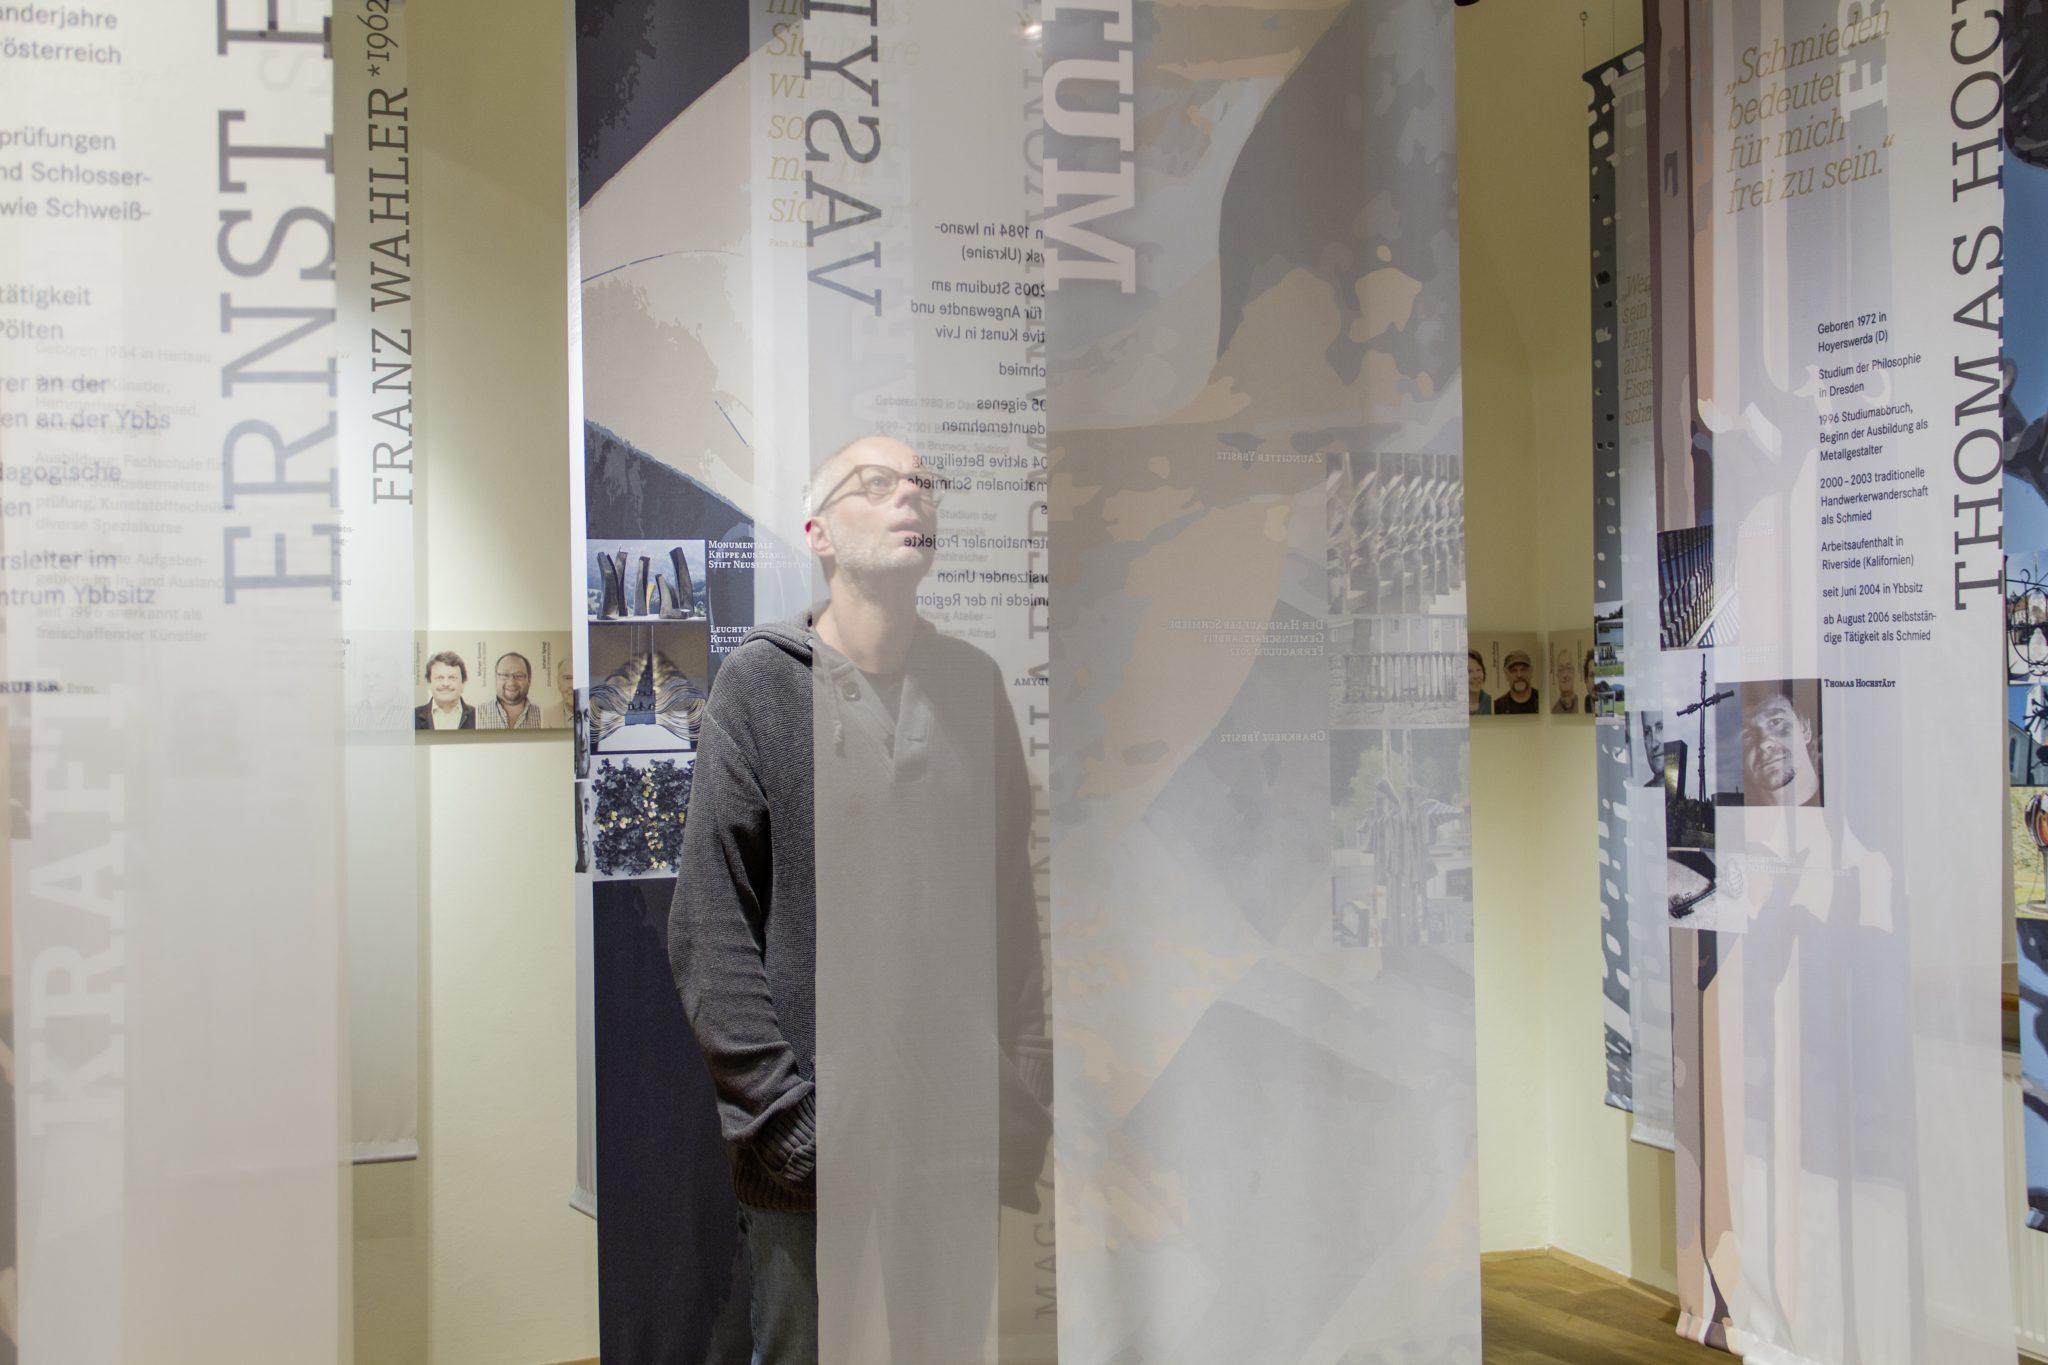 textile Bild- und Texthänger zum Thema Schmiedehandwerk heute